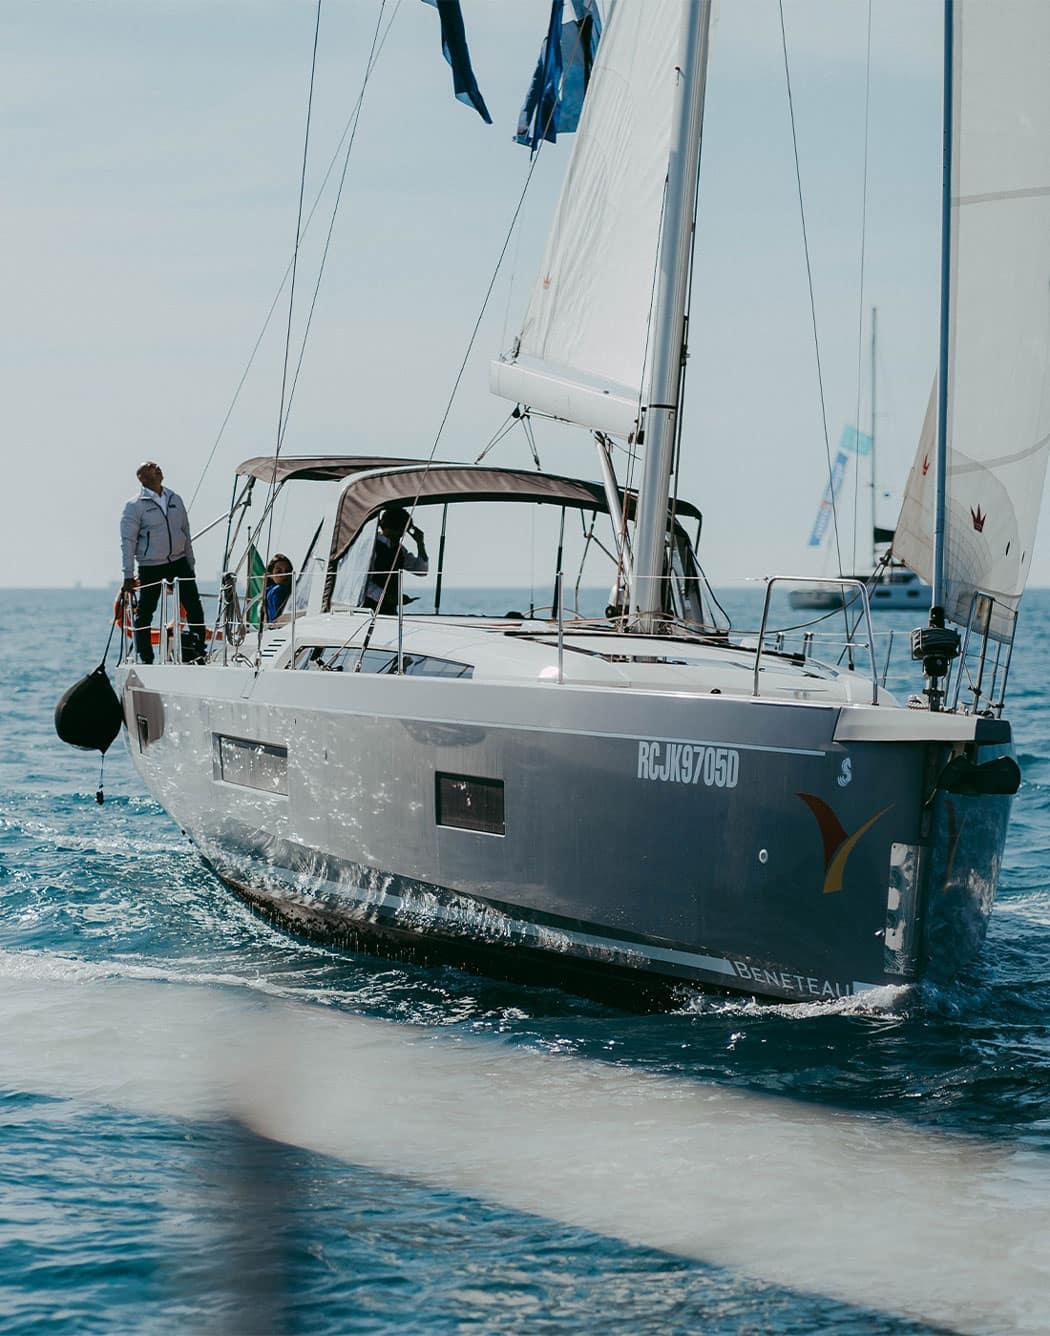 Vista frontale di una barca a vela Beneteau che naviga in mare con 3 persone a bordo.